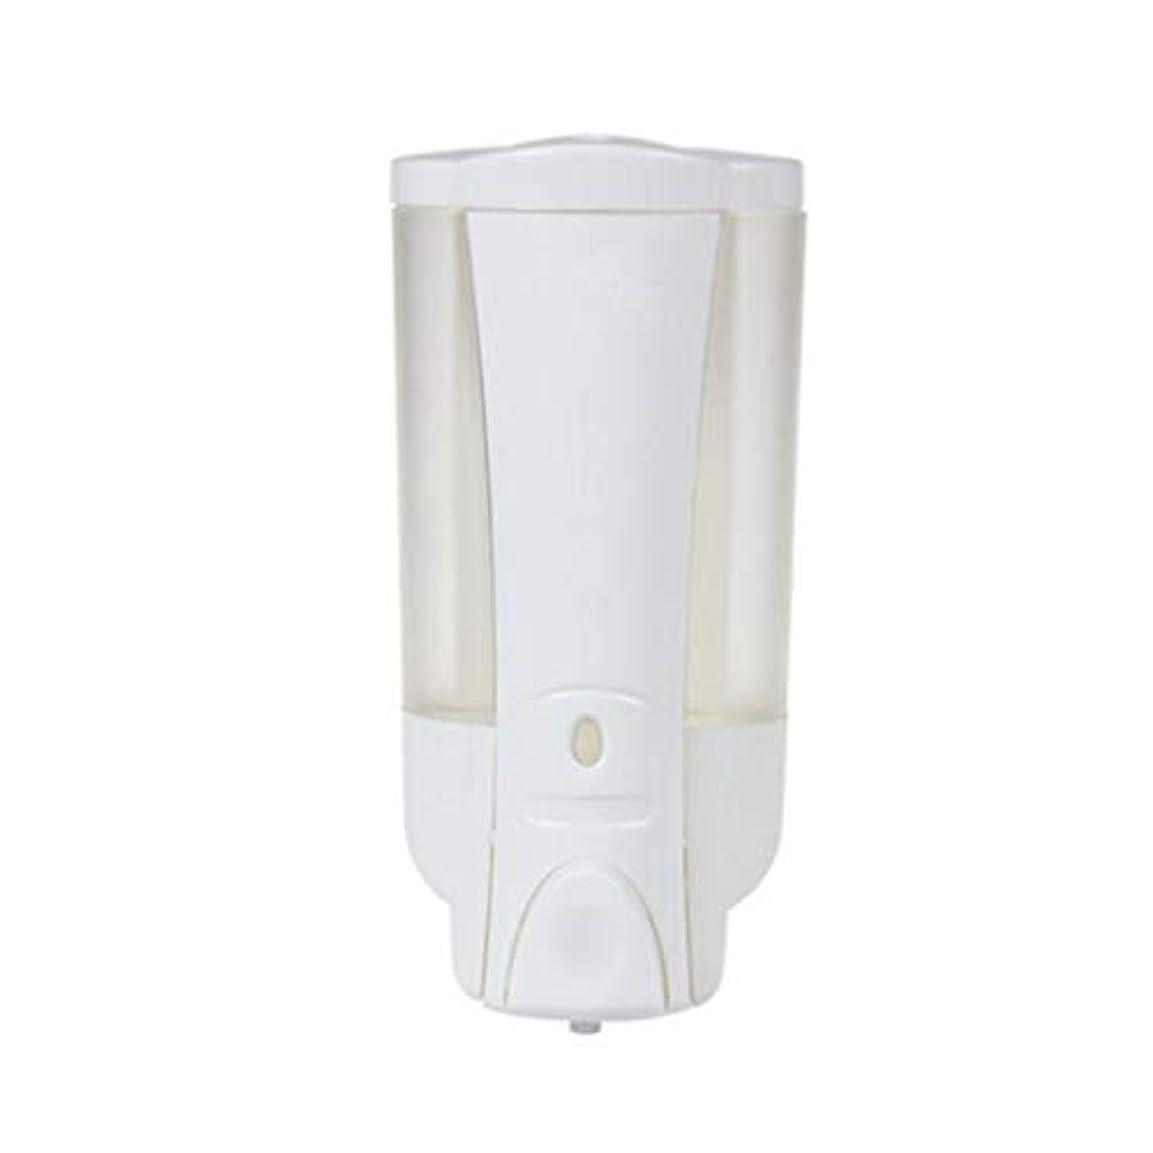 強調する入浴ショップKylinssh 泡立つ石鹸ディスペンサー450ml容量、石鹸、DIY液体石鹸、皿石鹸、ボディウォッシュなどに使用するための空のプラスチック液体石鹸ポンプボトル